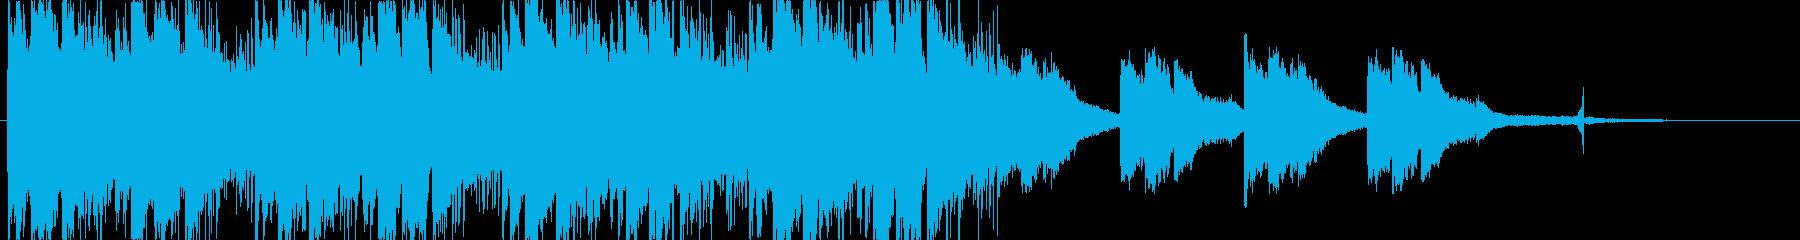 寂しげな雰囲気のエレクトロニカ_bの再生済みの波形